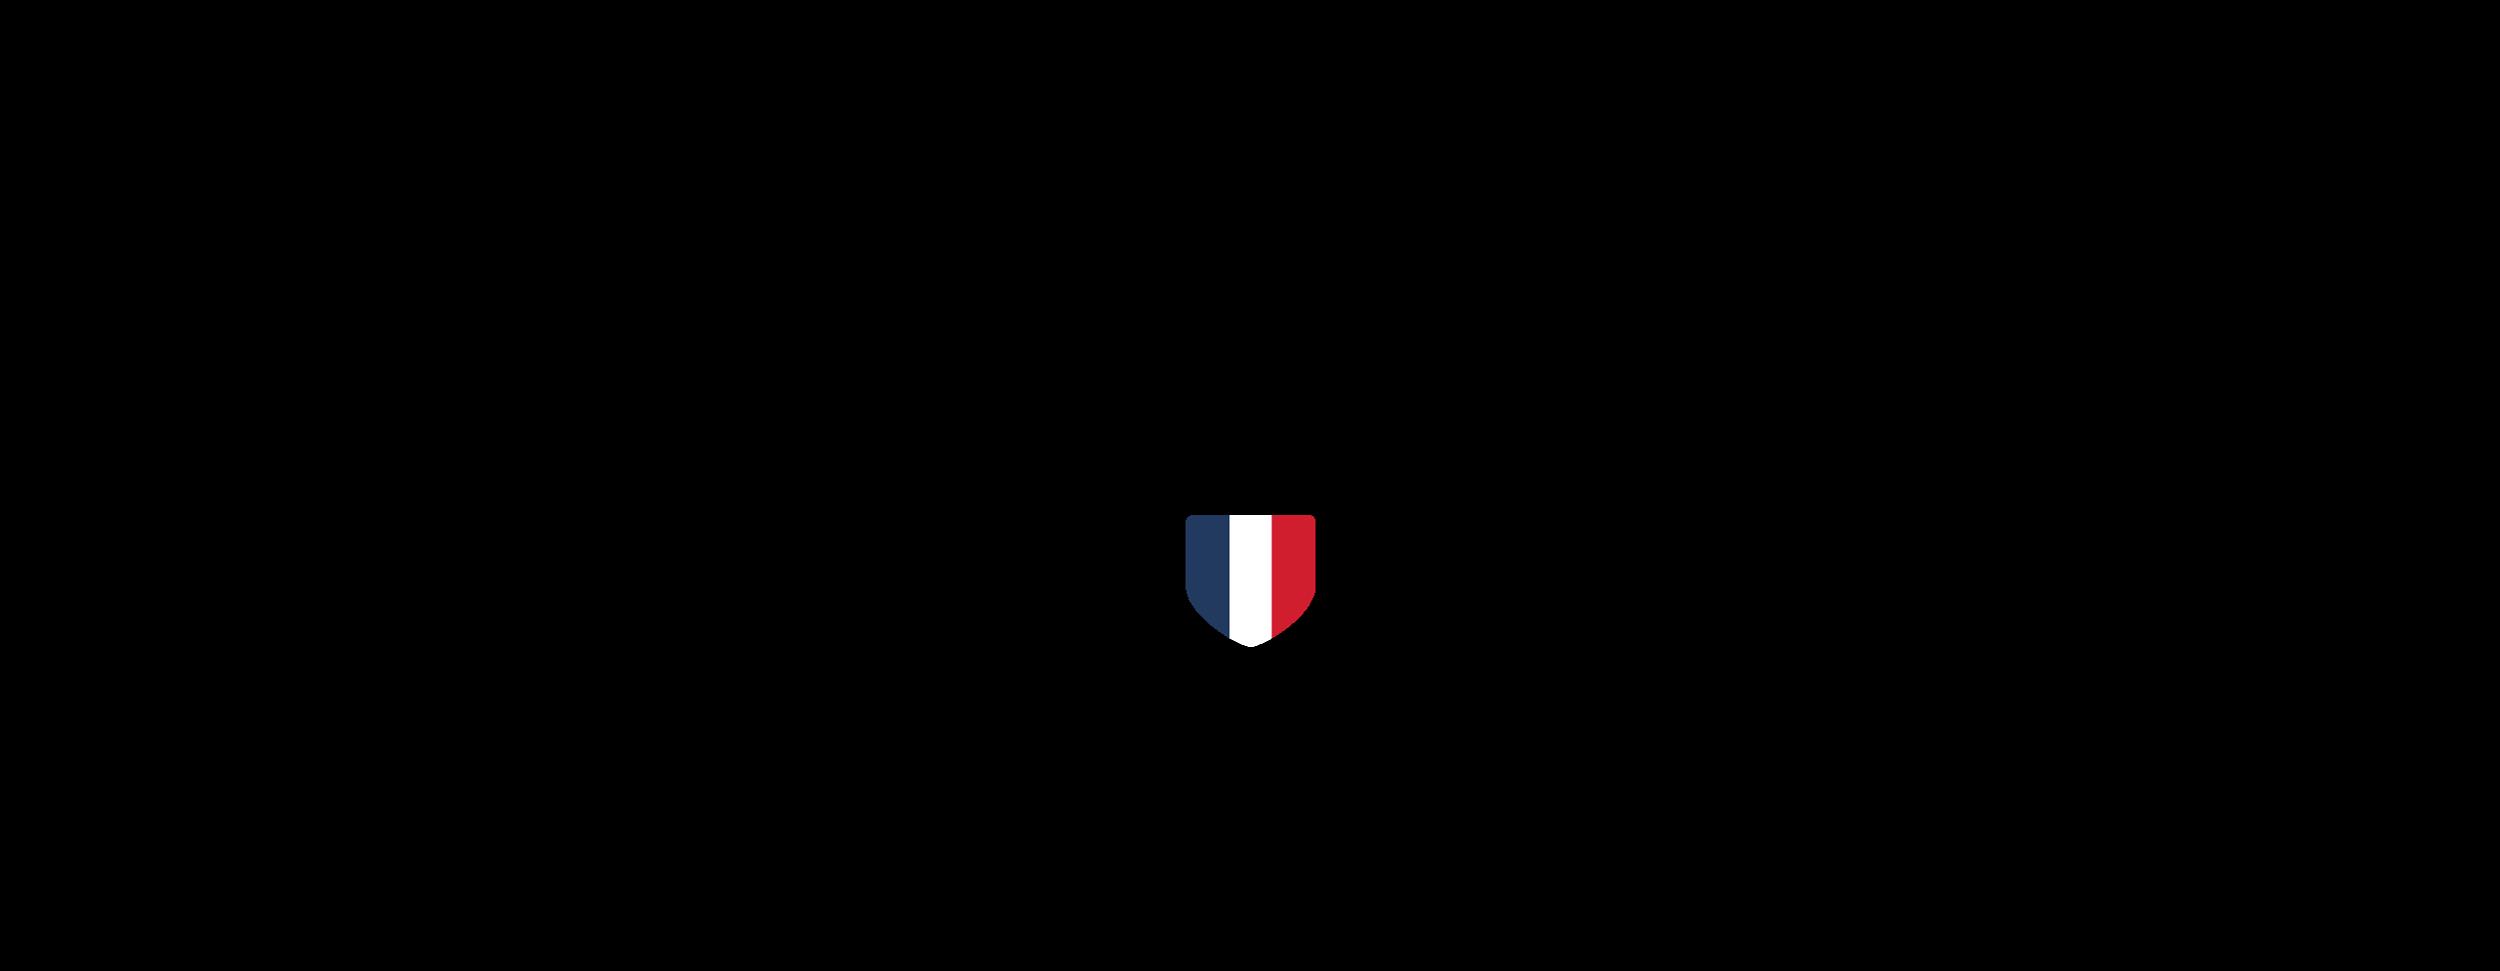 Helmet 28 Secure Racer France UK Distribution Rights – Helmet 28